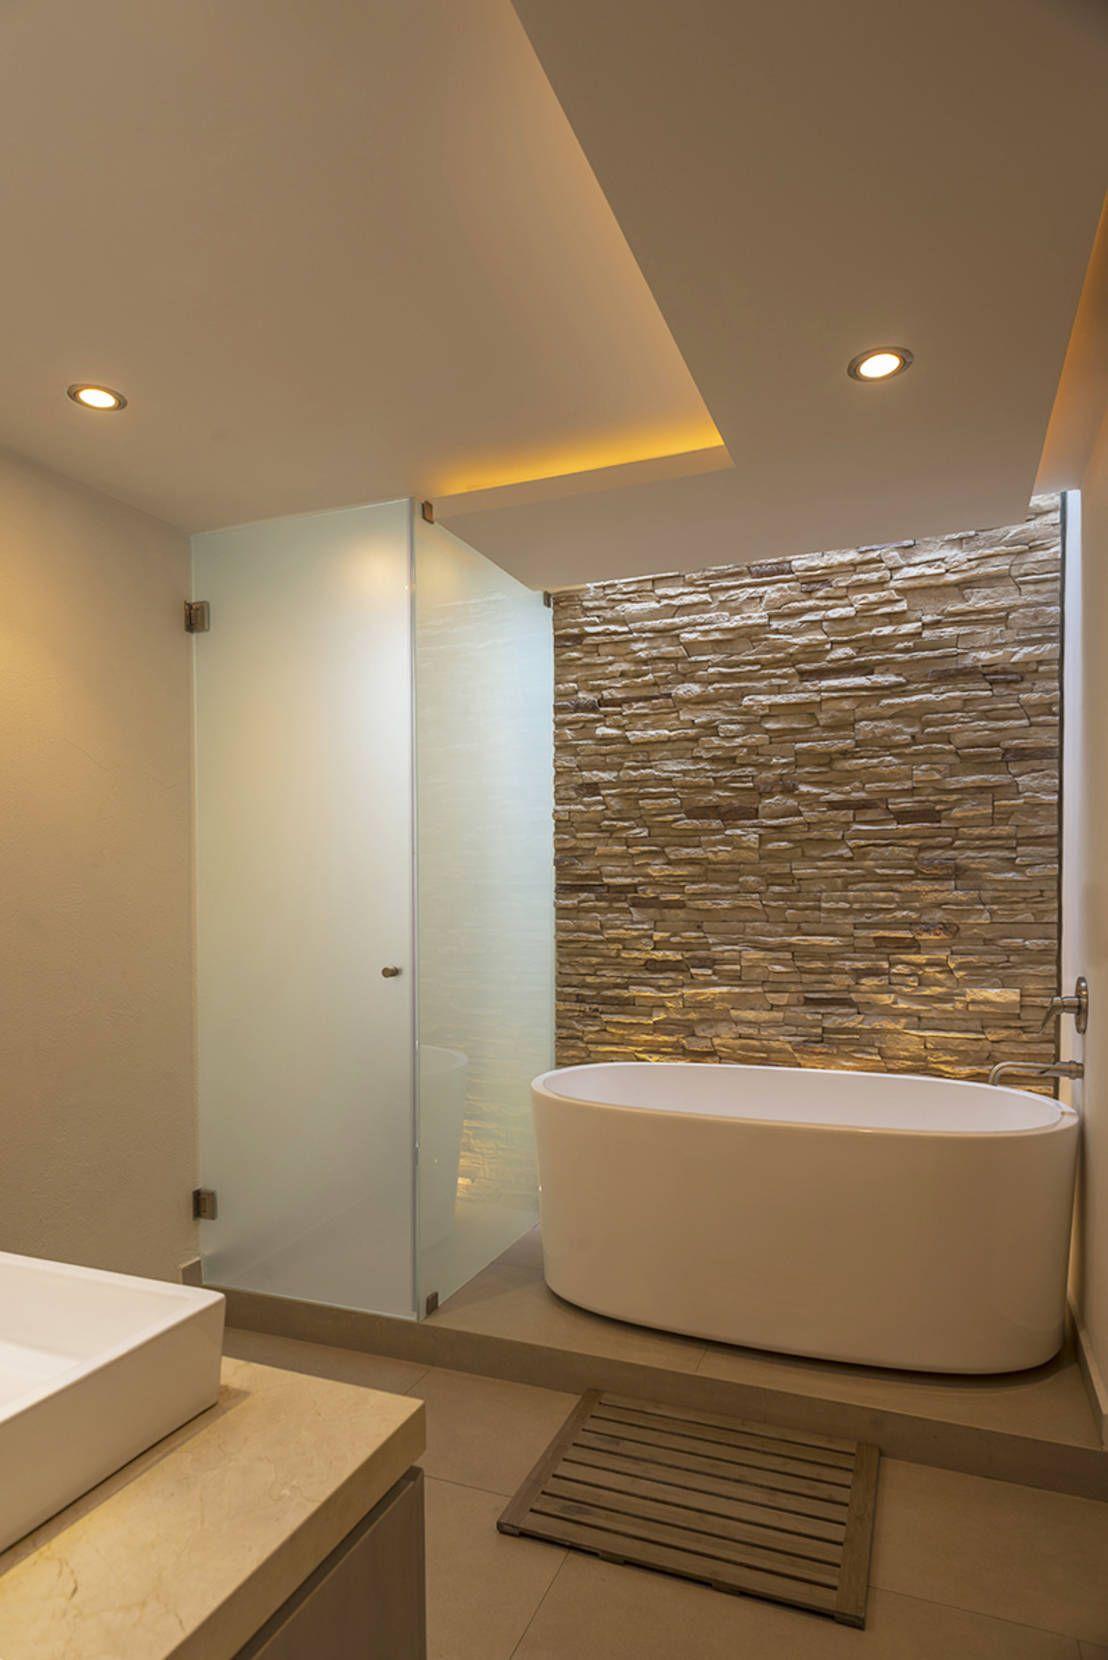 Una casa moderna perfecta y mexicana interior for Idee per casa moderna